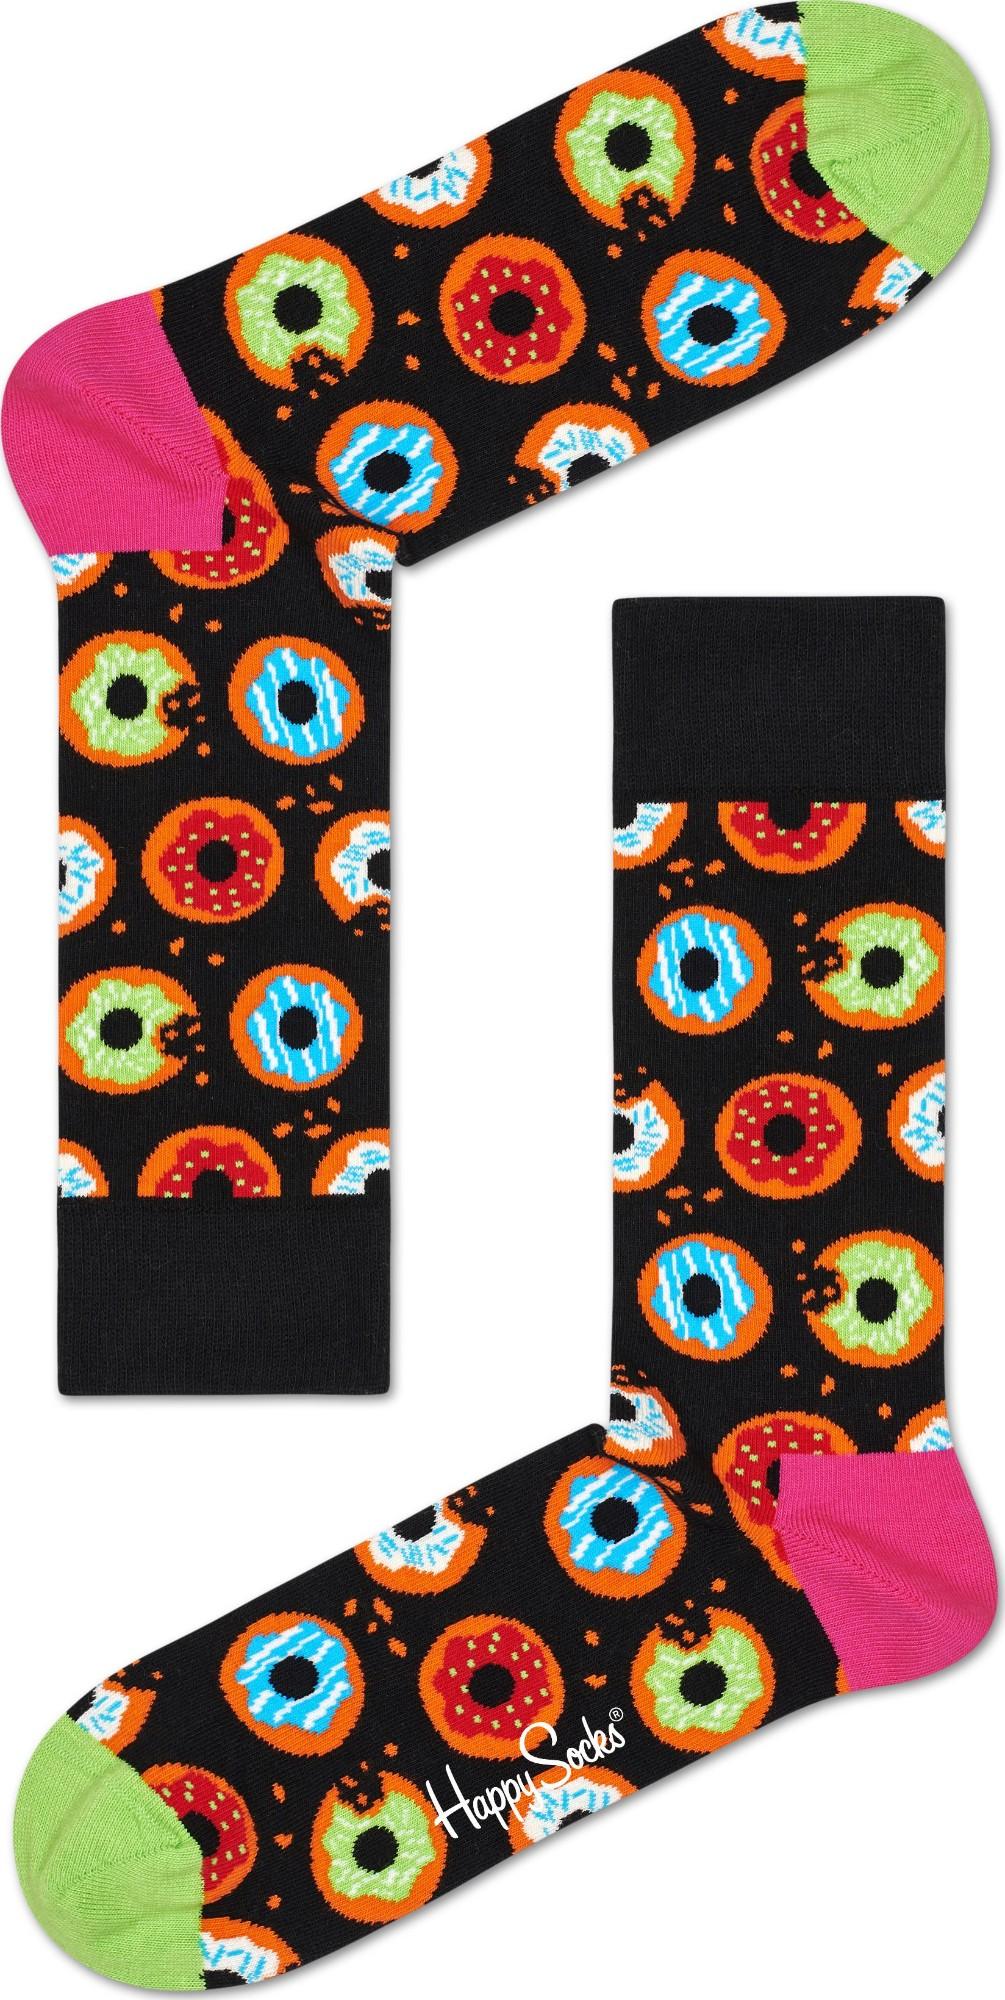 Happy Socks Donut Multi 9300 41-46